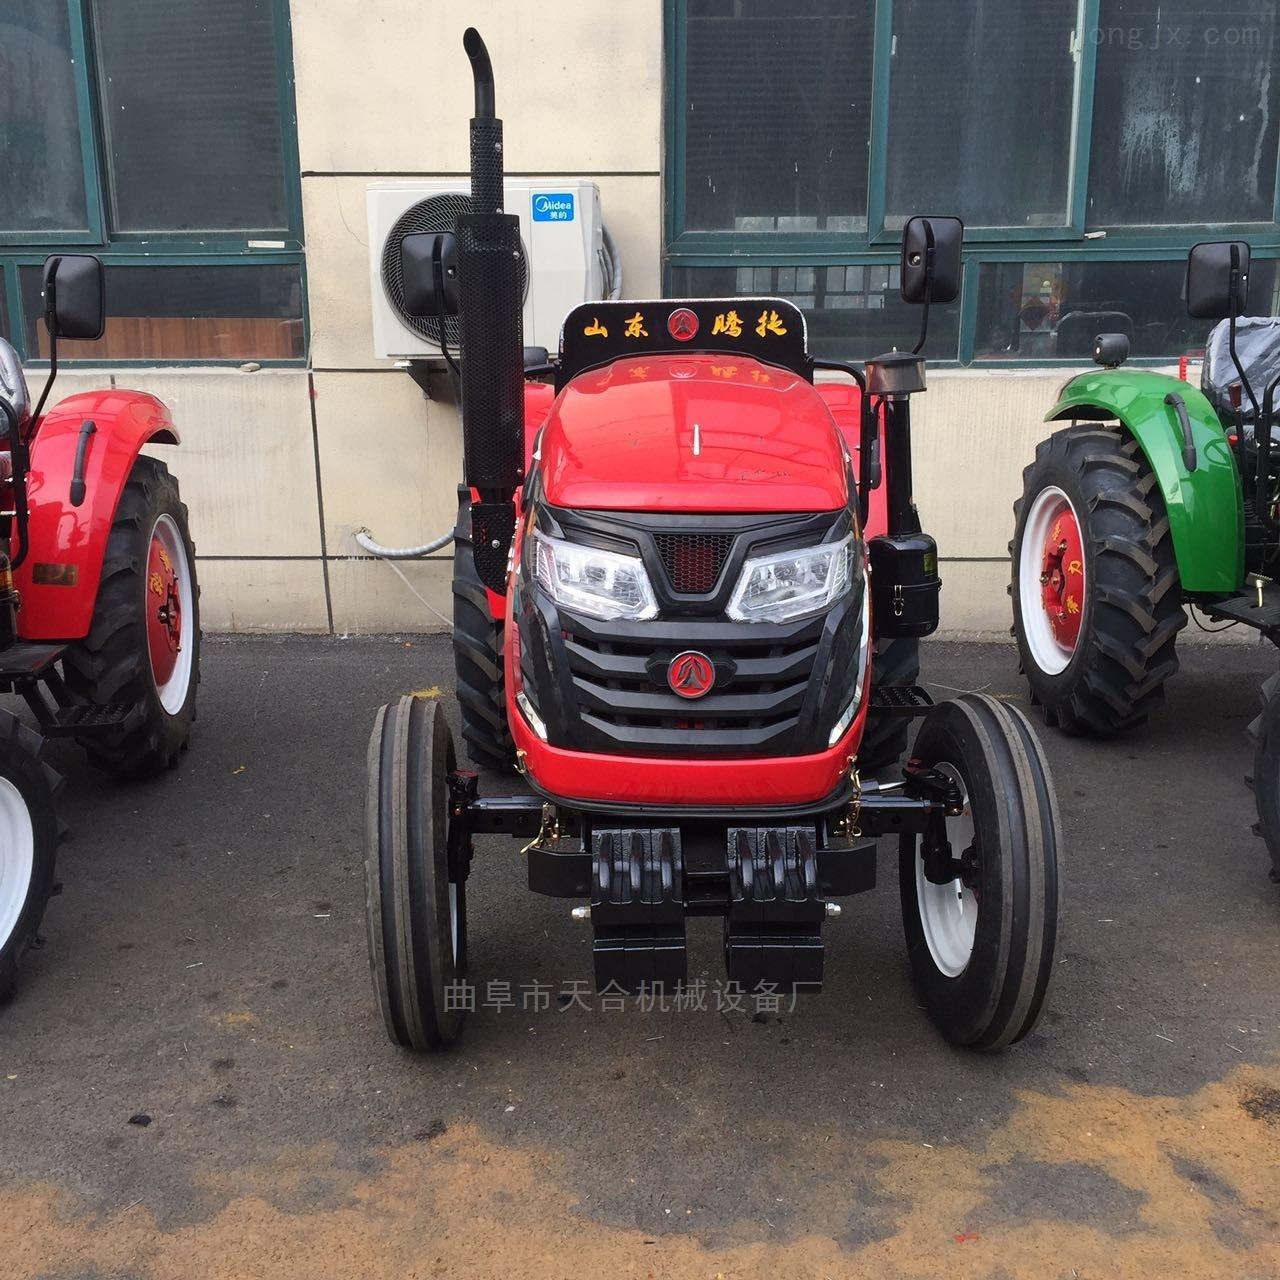 农用秋收专用的四轮拖拉机